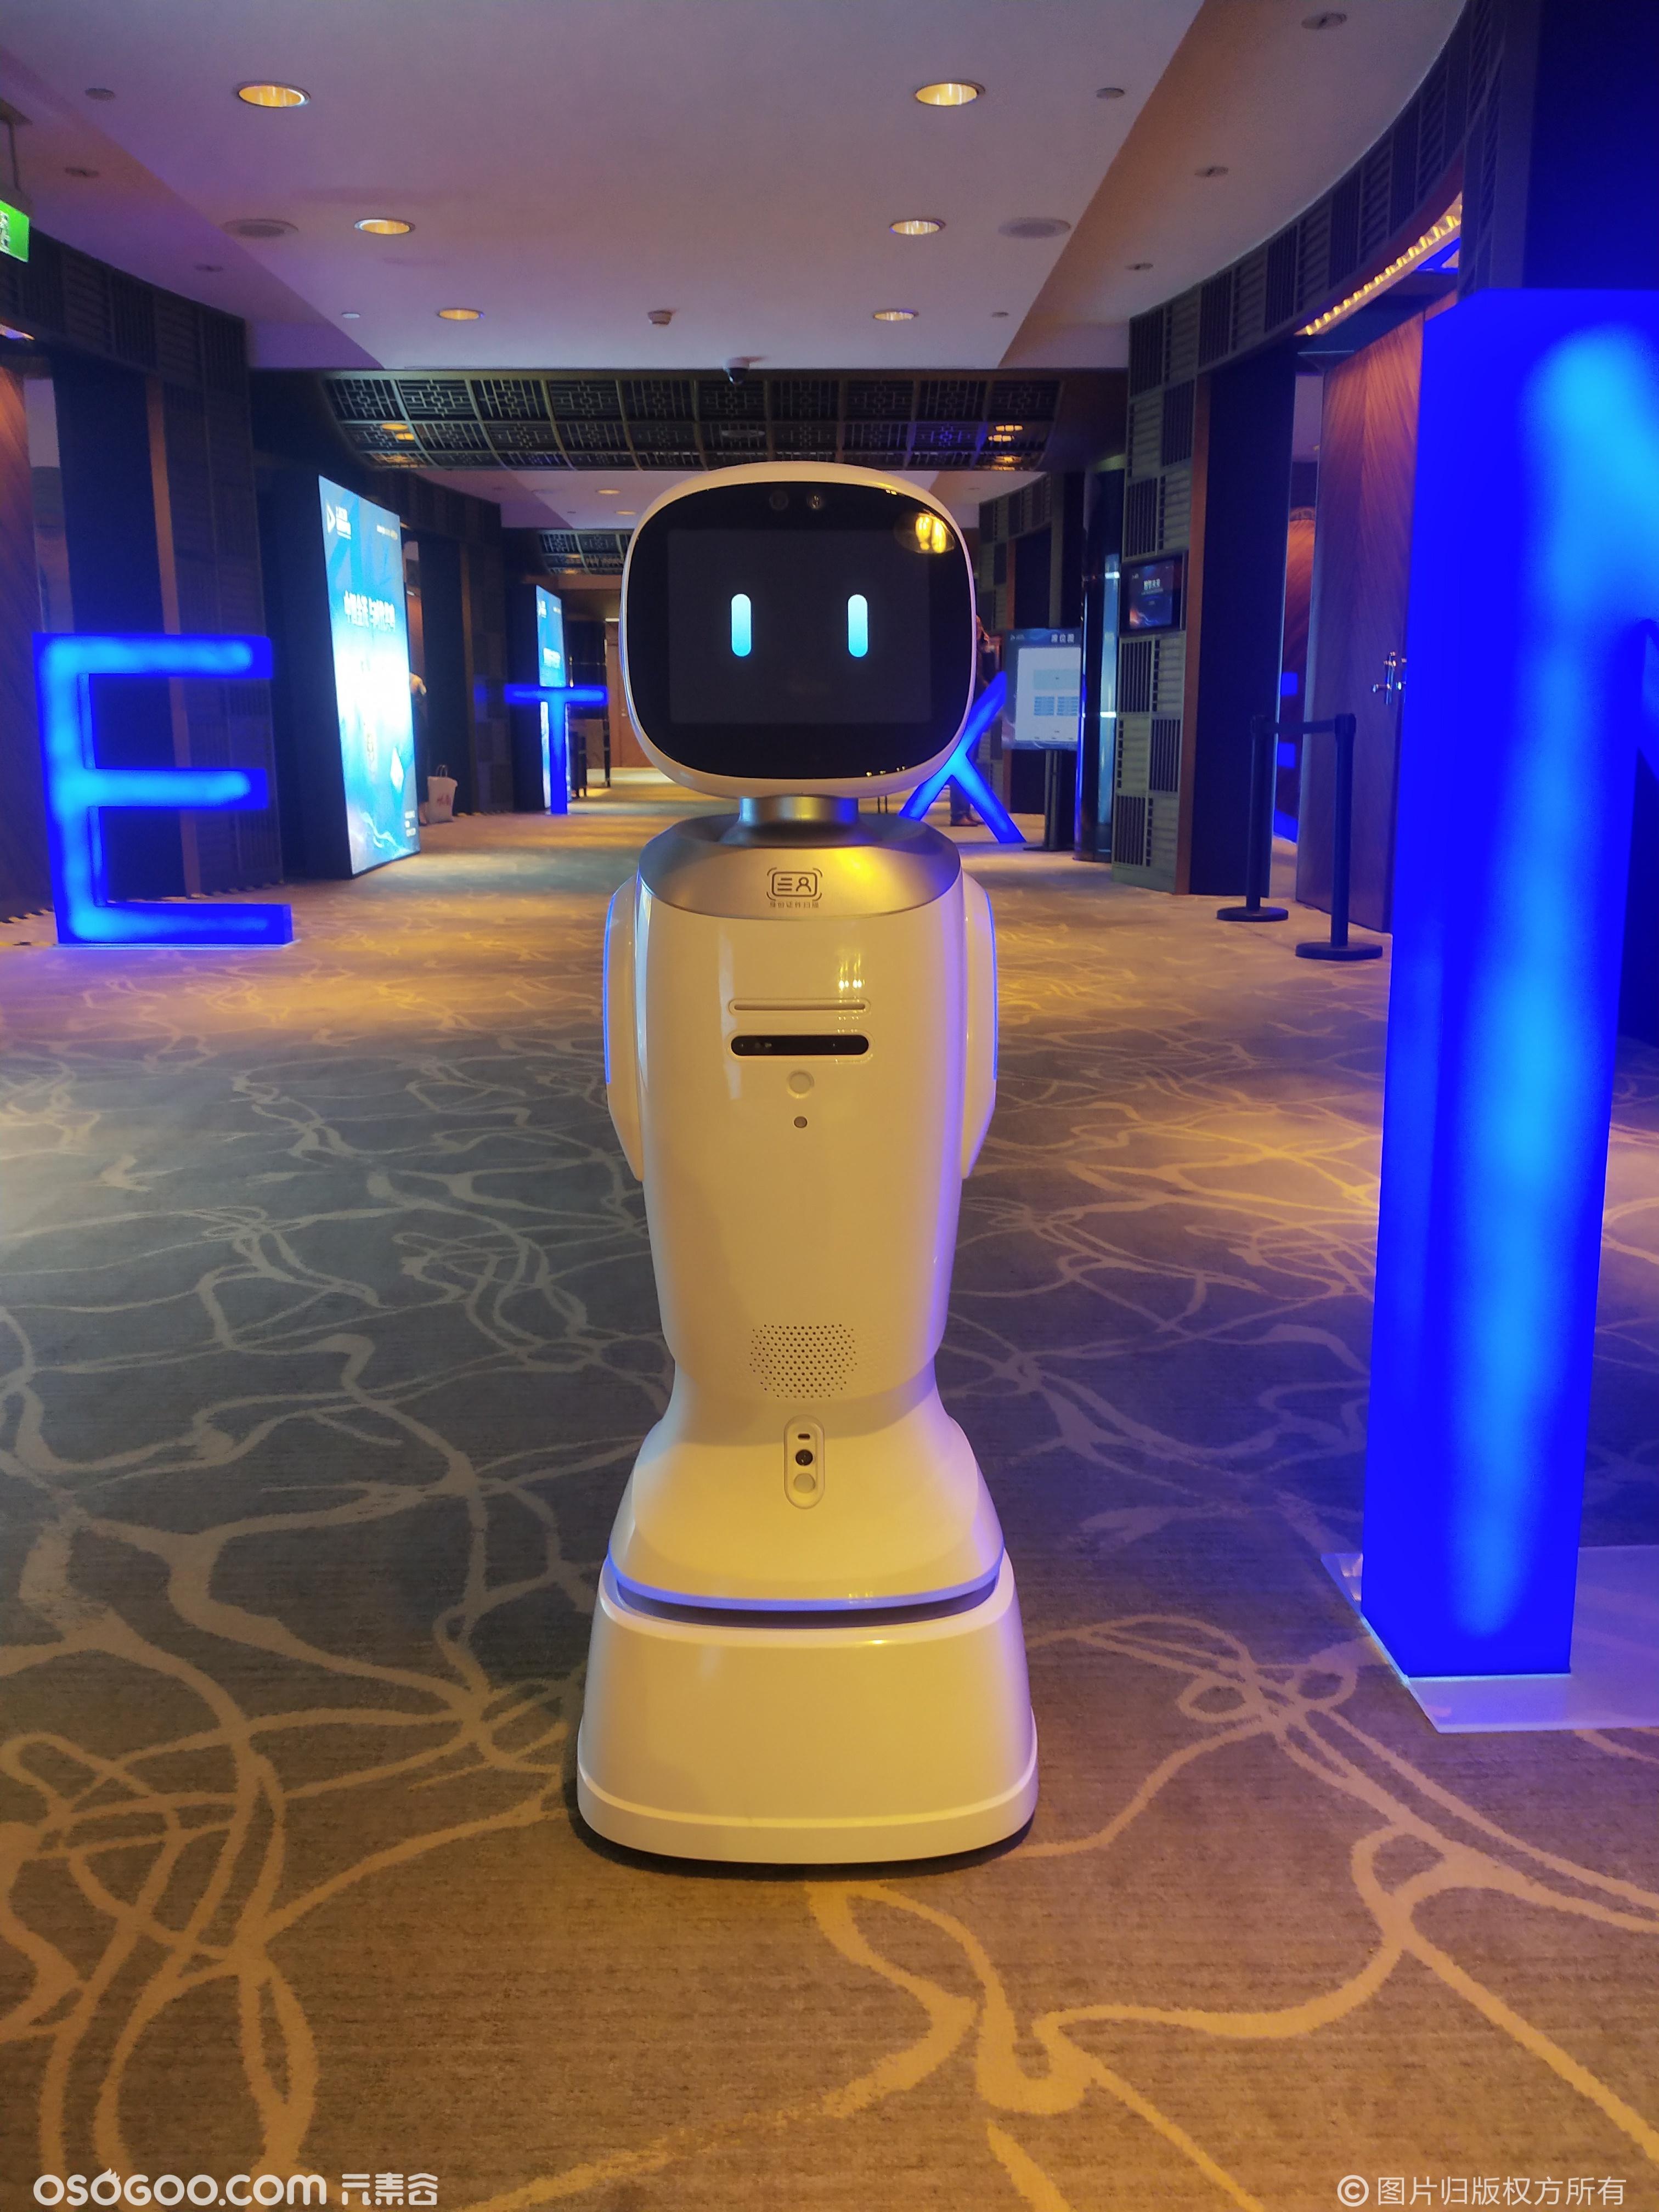 上海金茂地产会议活动 机器人茂茂互动主持 迎宾接待 咨询问答